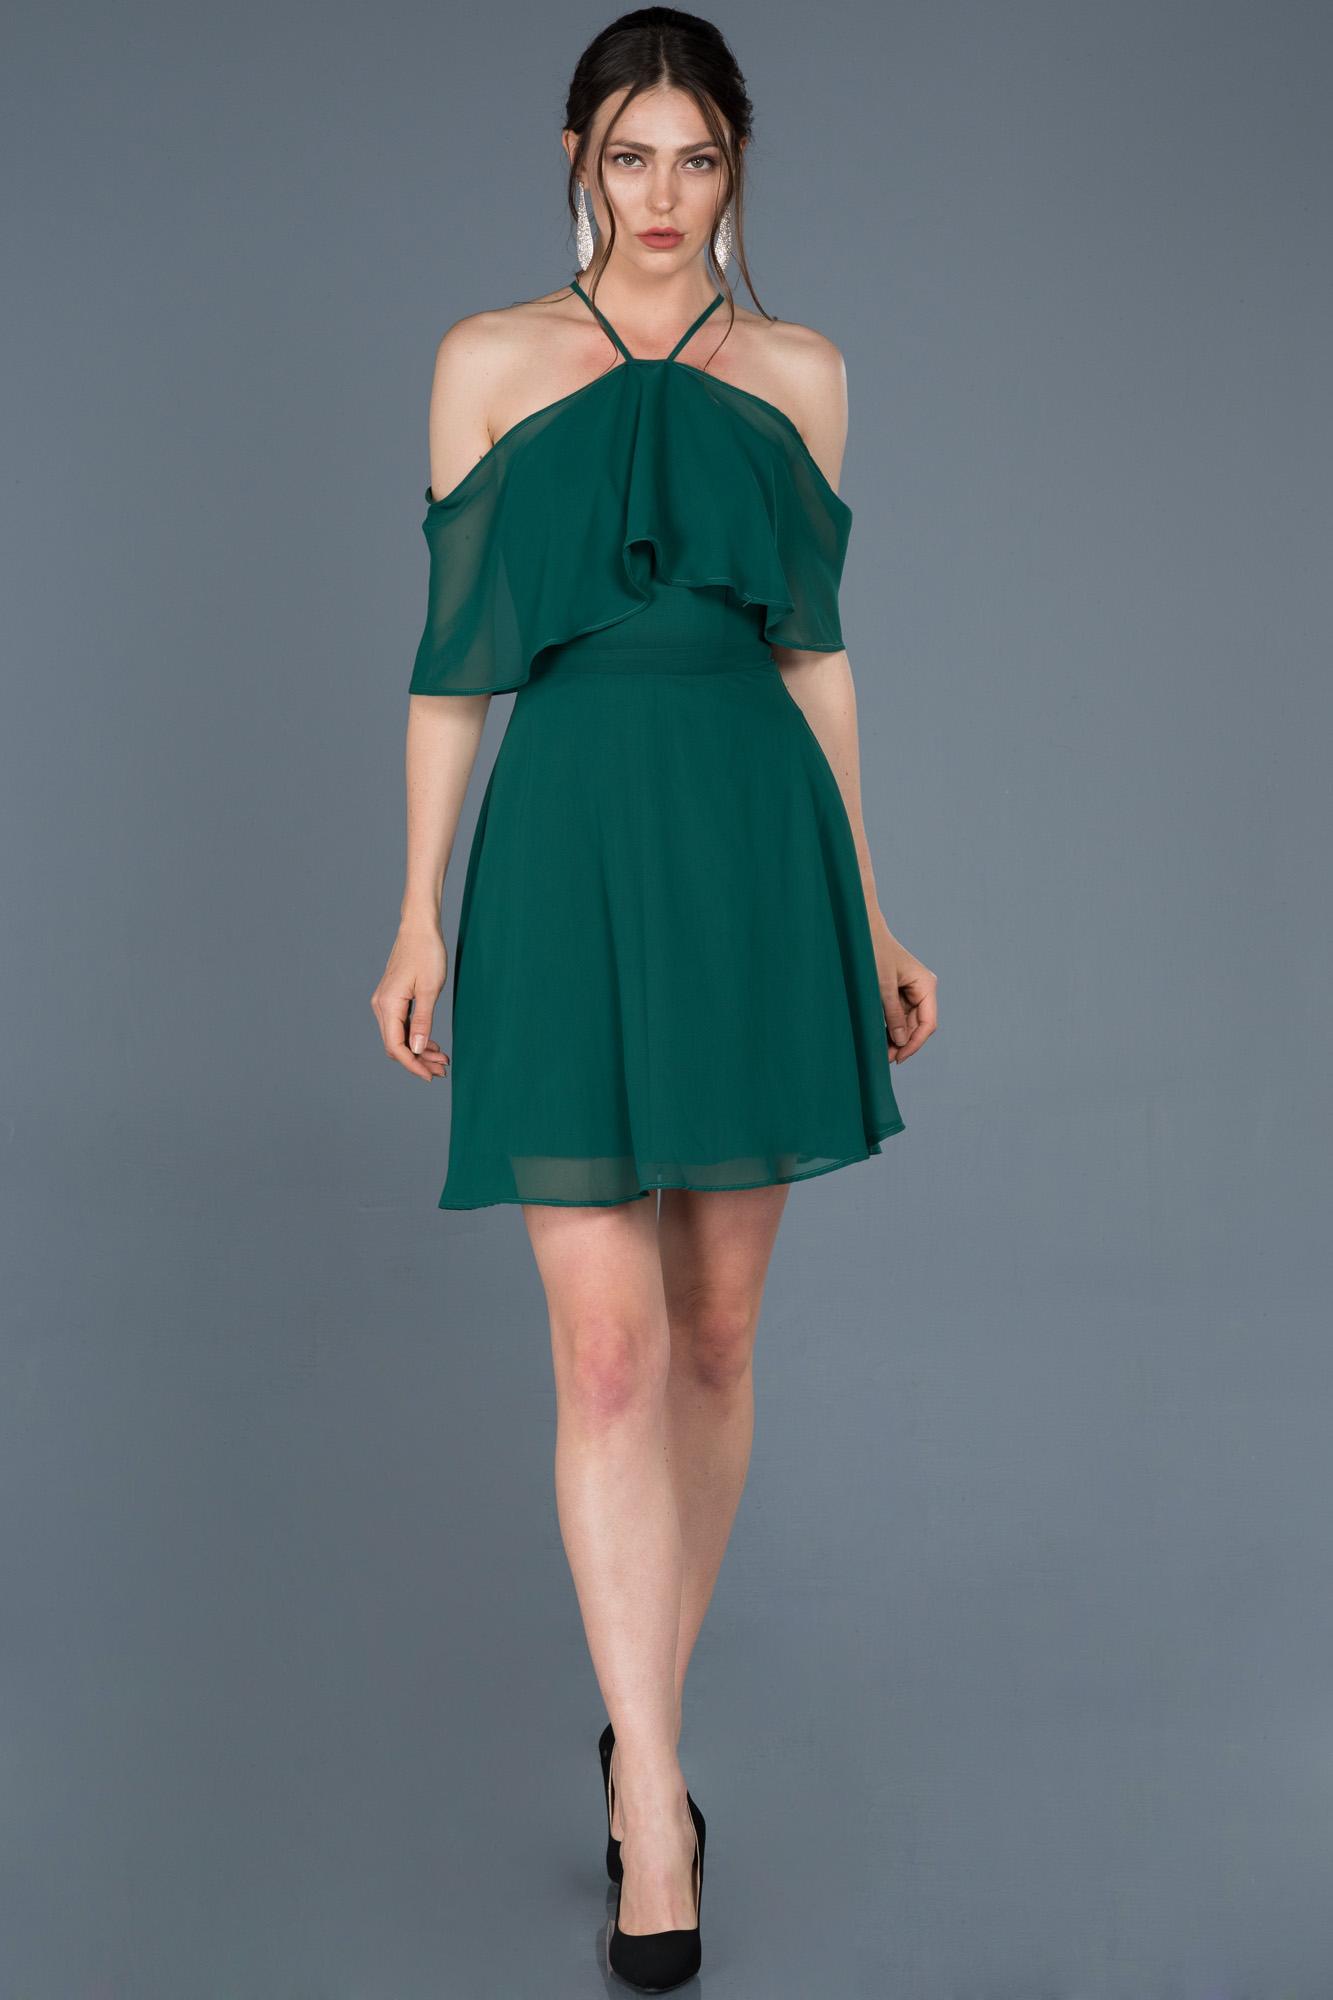 Zümrüt Yeşili Kısa Şifon Davet Elbisesi